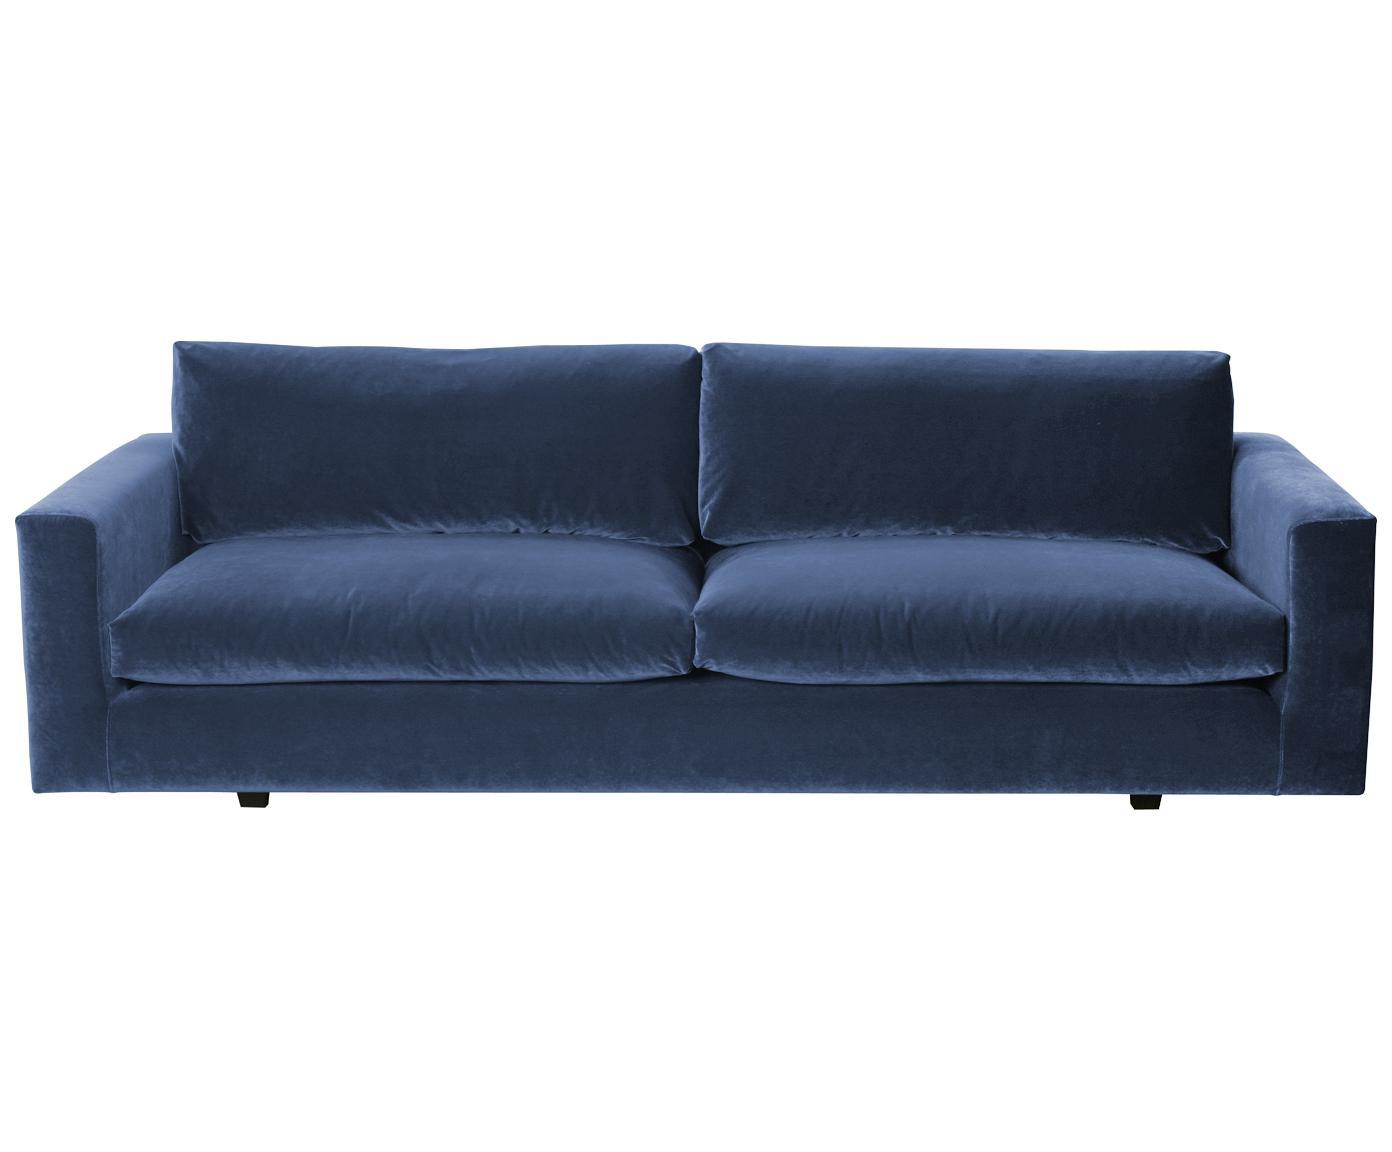 Samt-Sofa Balmira (3-Sitzer), Bezug: Polyester (Samt) 47.000 S, Rahmen: Sperrholz, Massivholz, Beine: Kunststoff, lackiert, Bezug: Blau<br>Beine: Schwarz, 261 x 83 cm